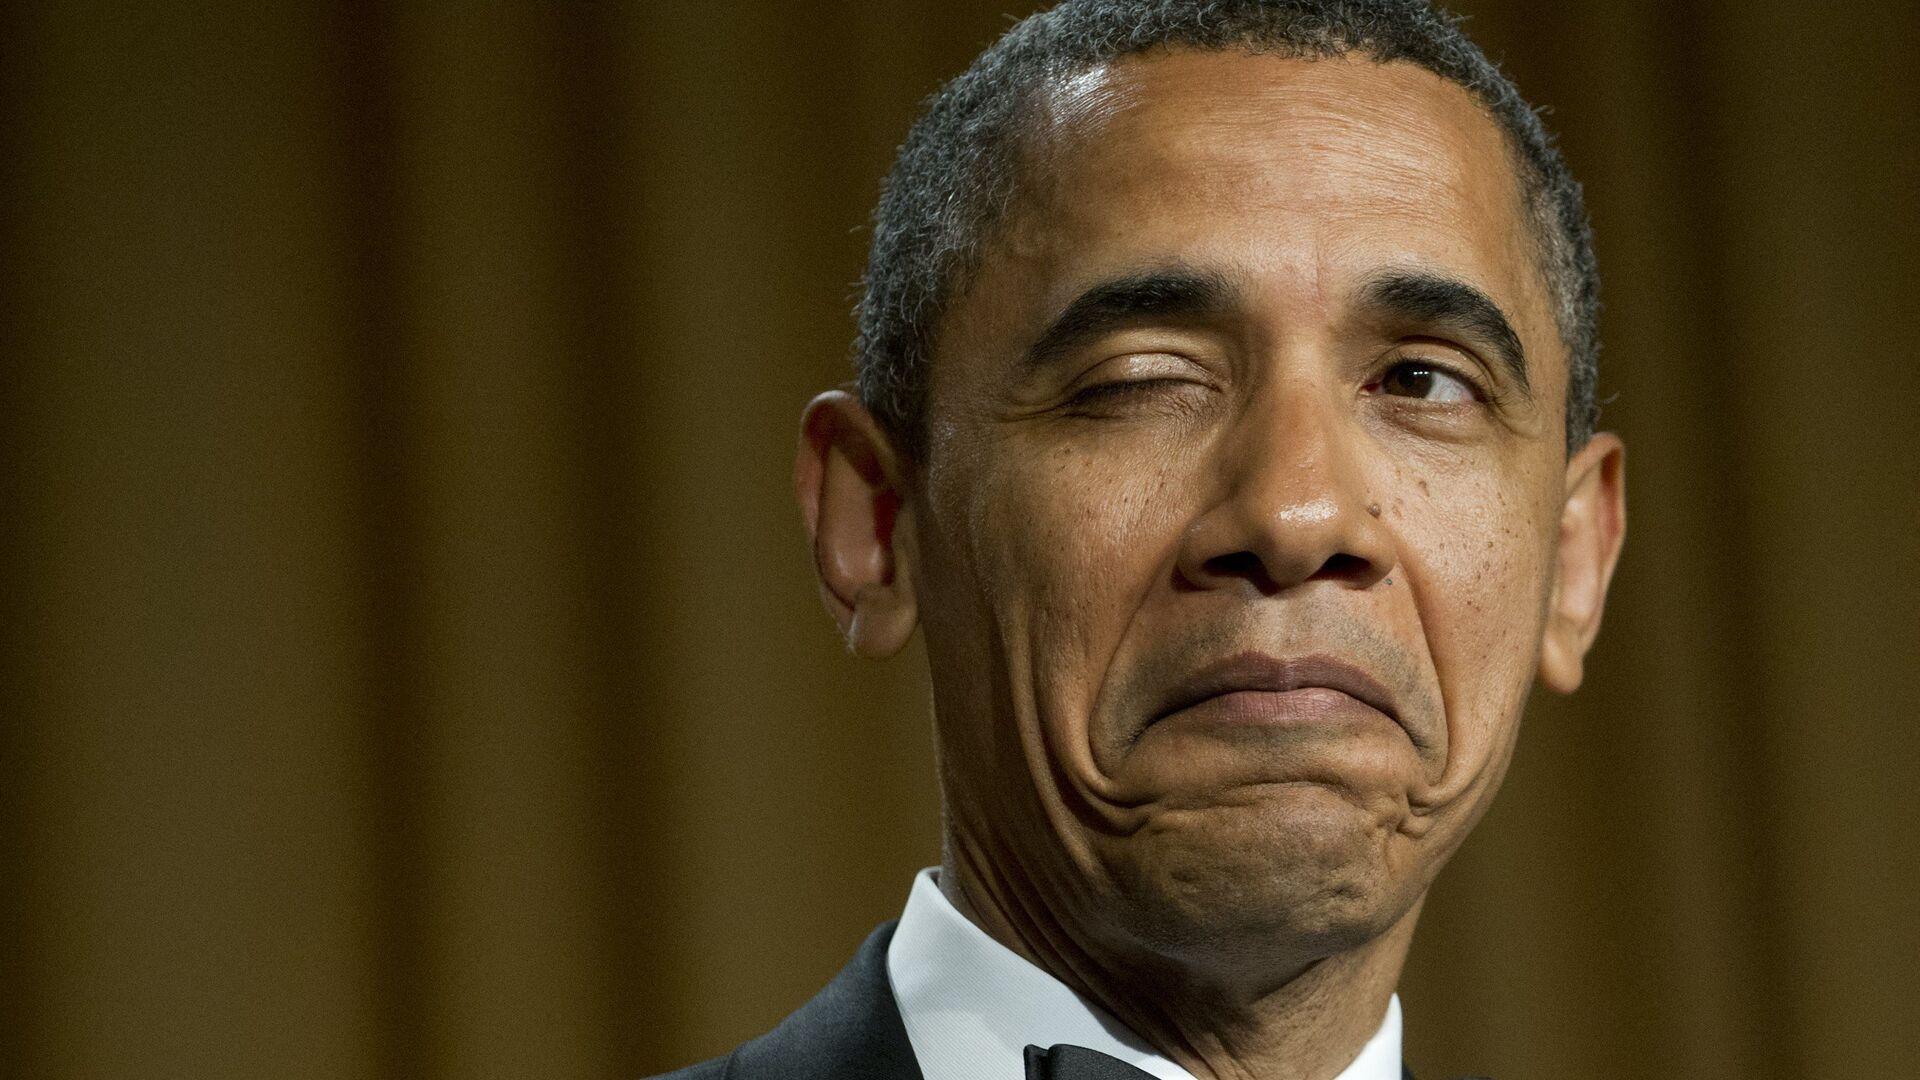 Президент США Барак Обама подмигивает, рассказывая анекдот о месте своего рождения во время ужина Ассоциации корреспондентов Белого дома в Вашингтонев, 2012 год  - Sputnik Таджикистан, 1920, 10.08.2021